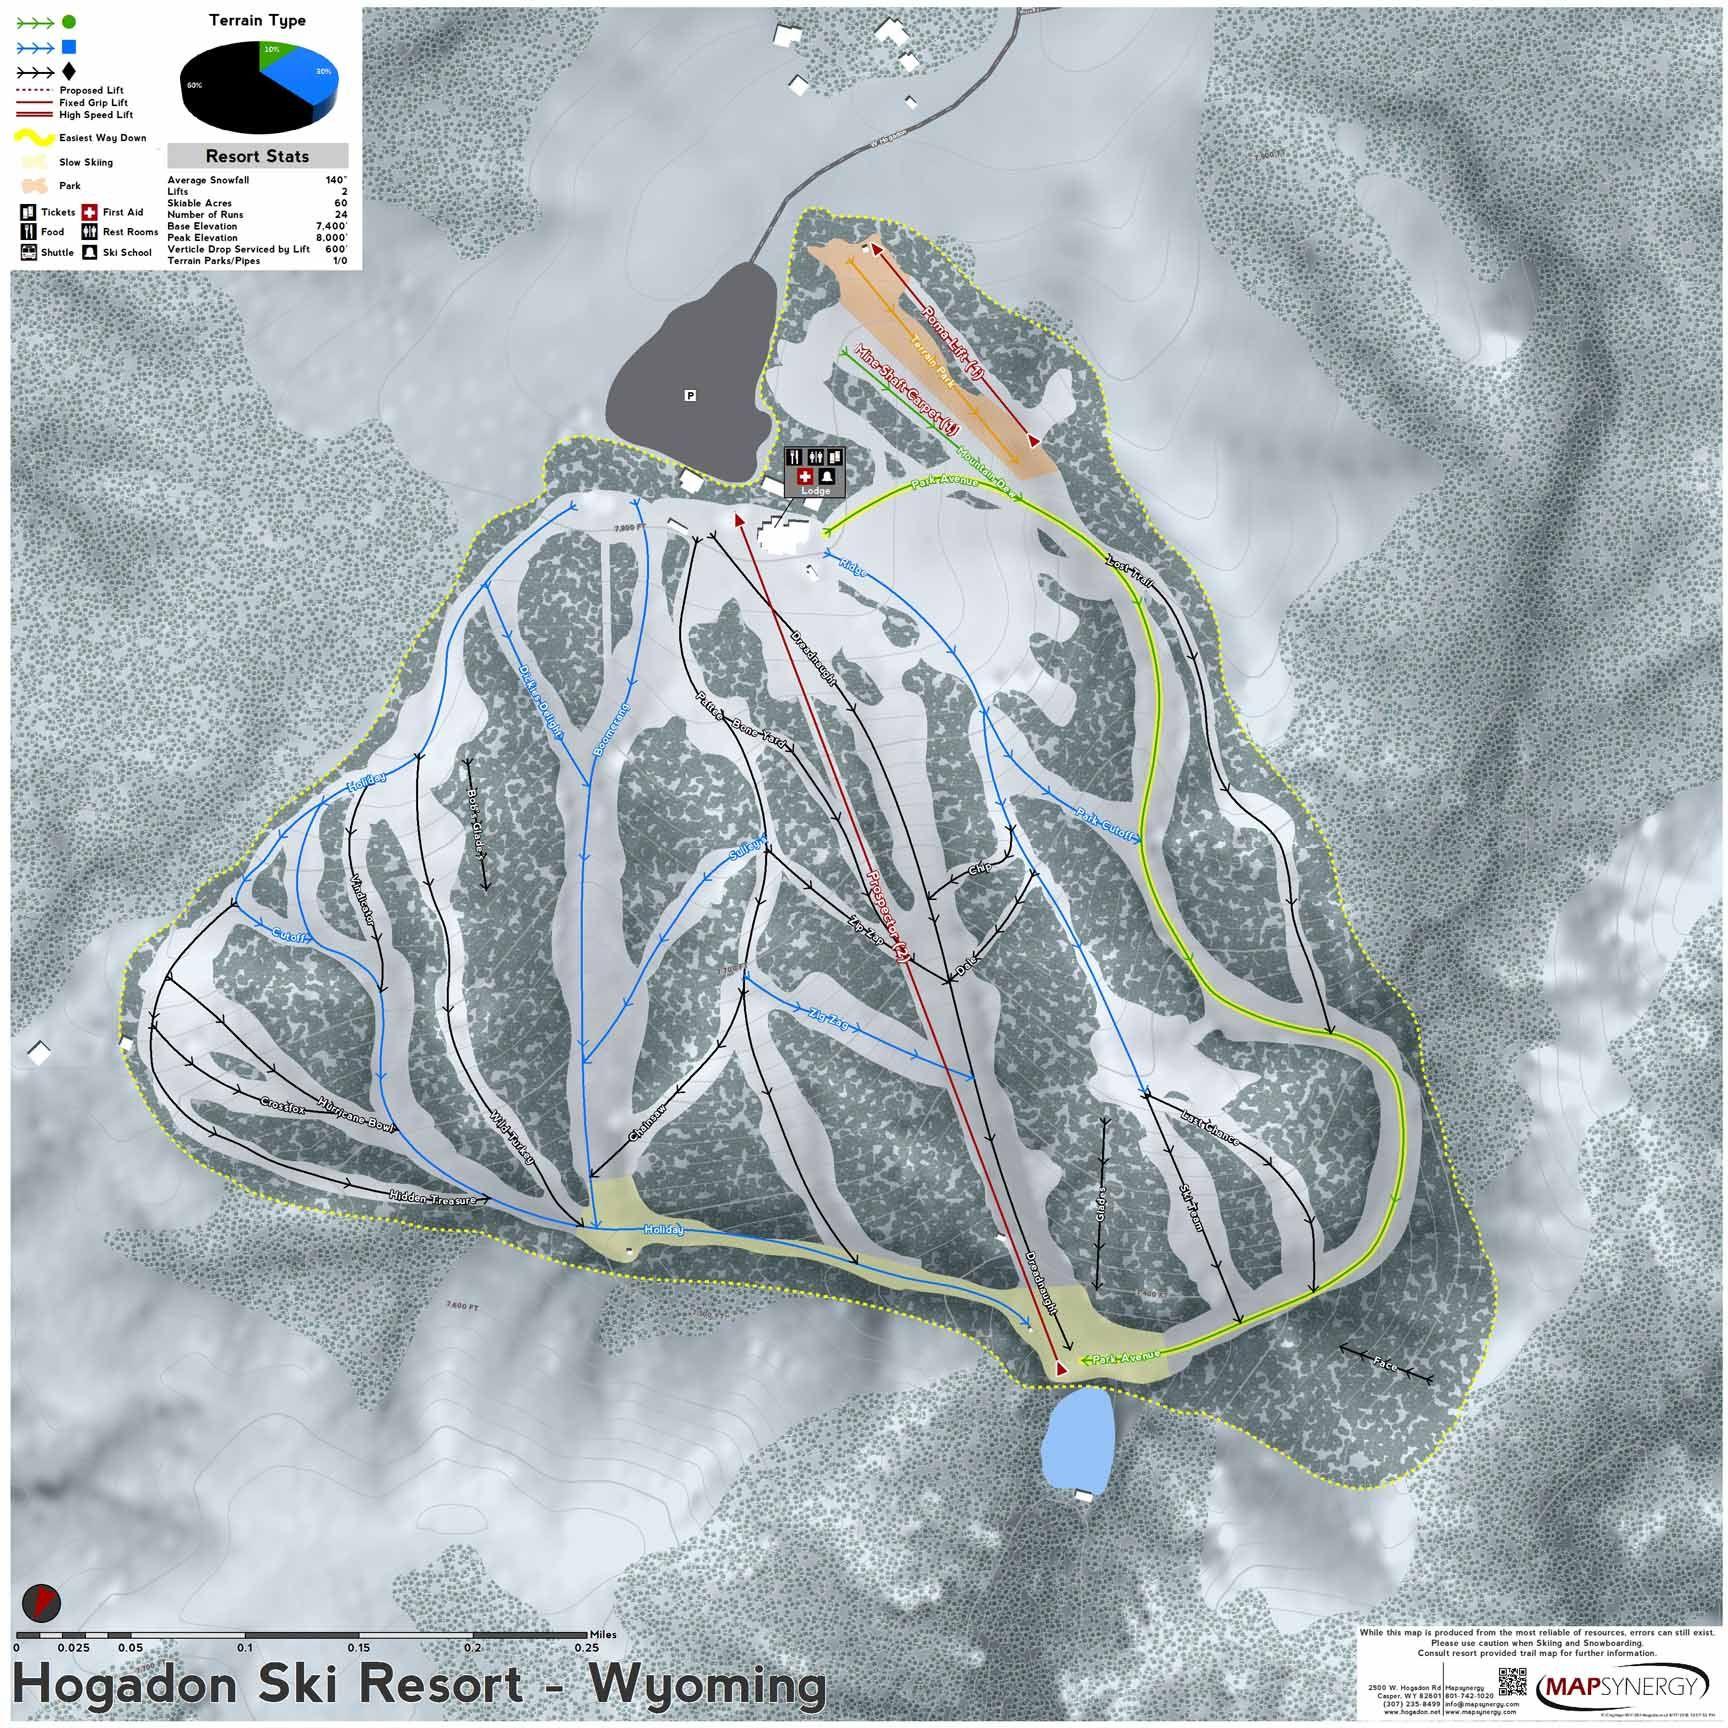 Hogadon Resort ski map | Wyoming Ski Resort Maps | Skiing ... on lakes in wyoming map, skiing near jackson wy, sleeping giant state park trail map, national parks in wyoming map, caves in wyoming map, casinos in wyoming map, rocky mountains in wyoming map, ghost towns in wyoming map, skiing in lake powell, skiing in jackson wyoming, jackson hole ski trail map,